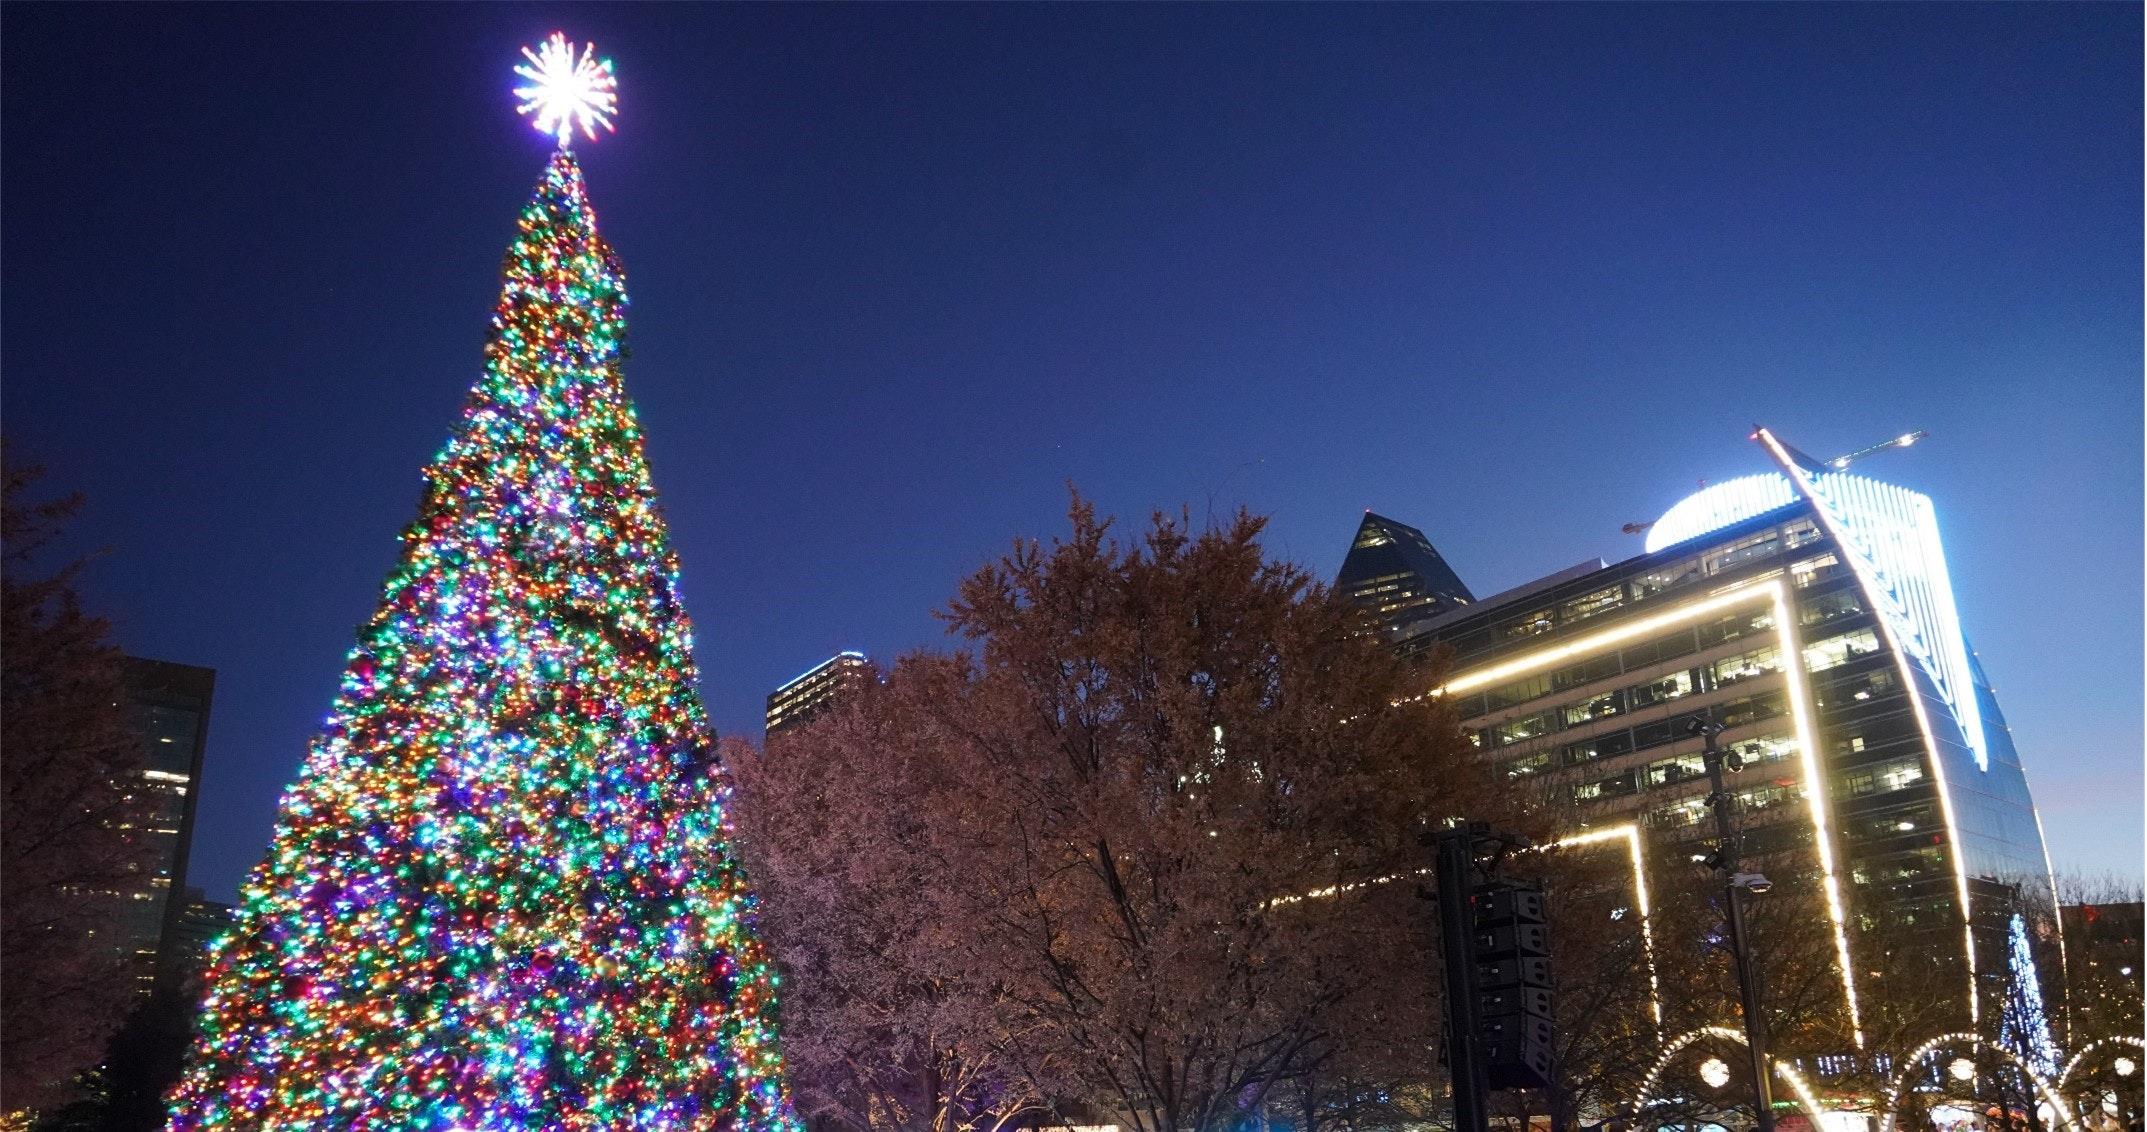 City Of Warren Christmas Tree Lighting 2021 Klyde Warren Park Dallas Texas